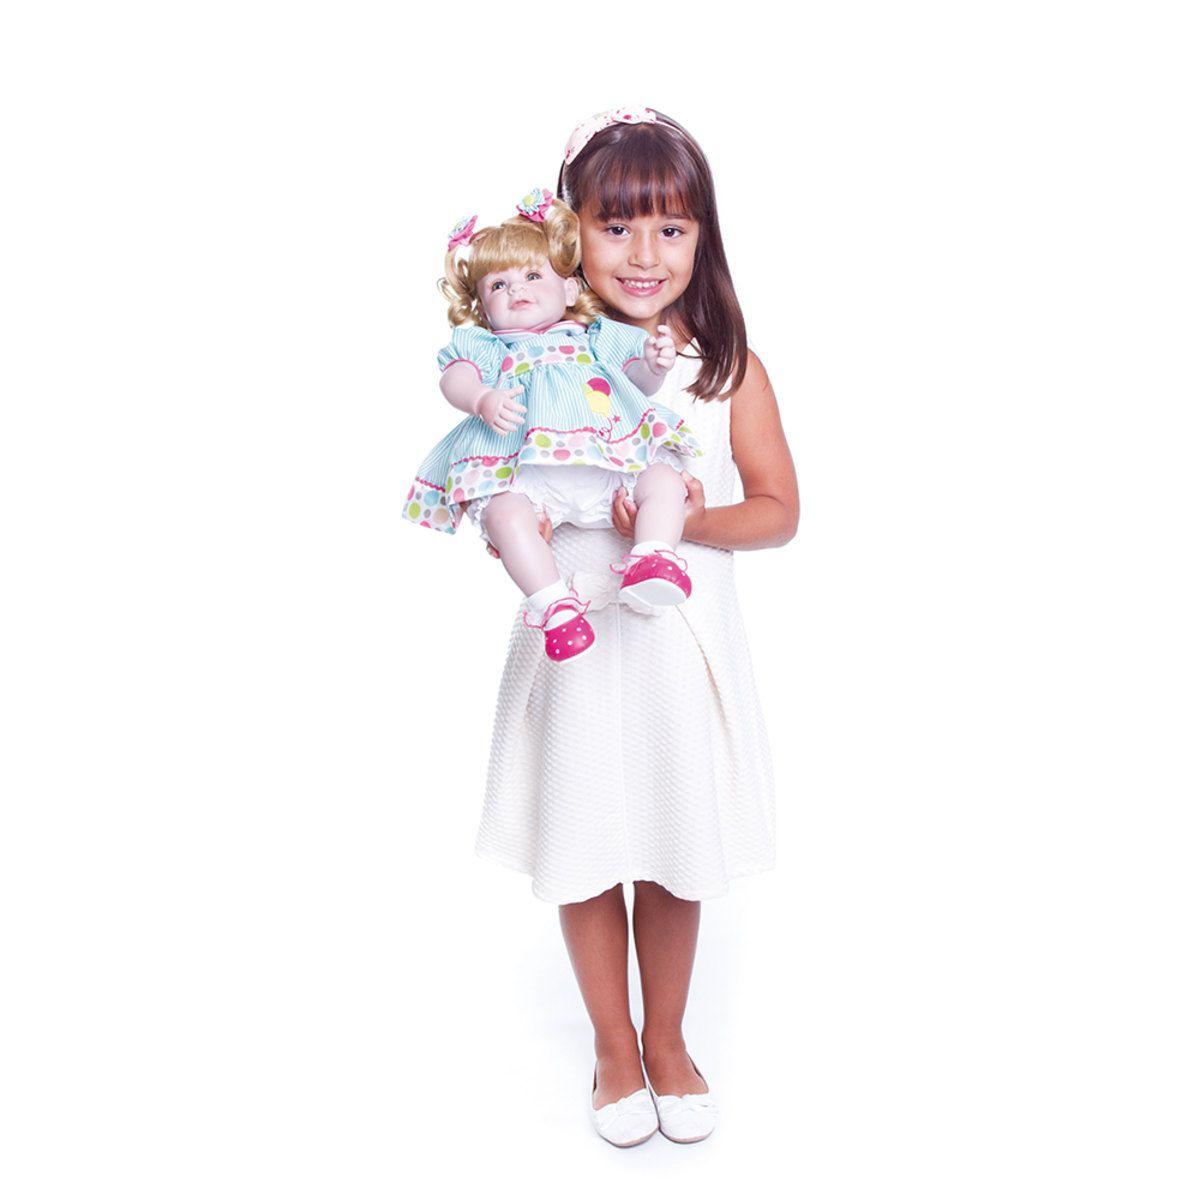 Boneca Adora Doll - UP UP And Away Girl - Shiny Toys  - Doce Diversão